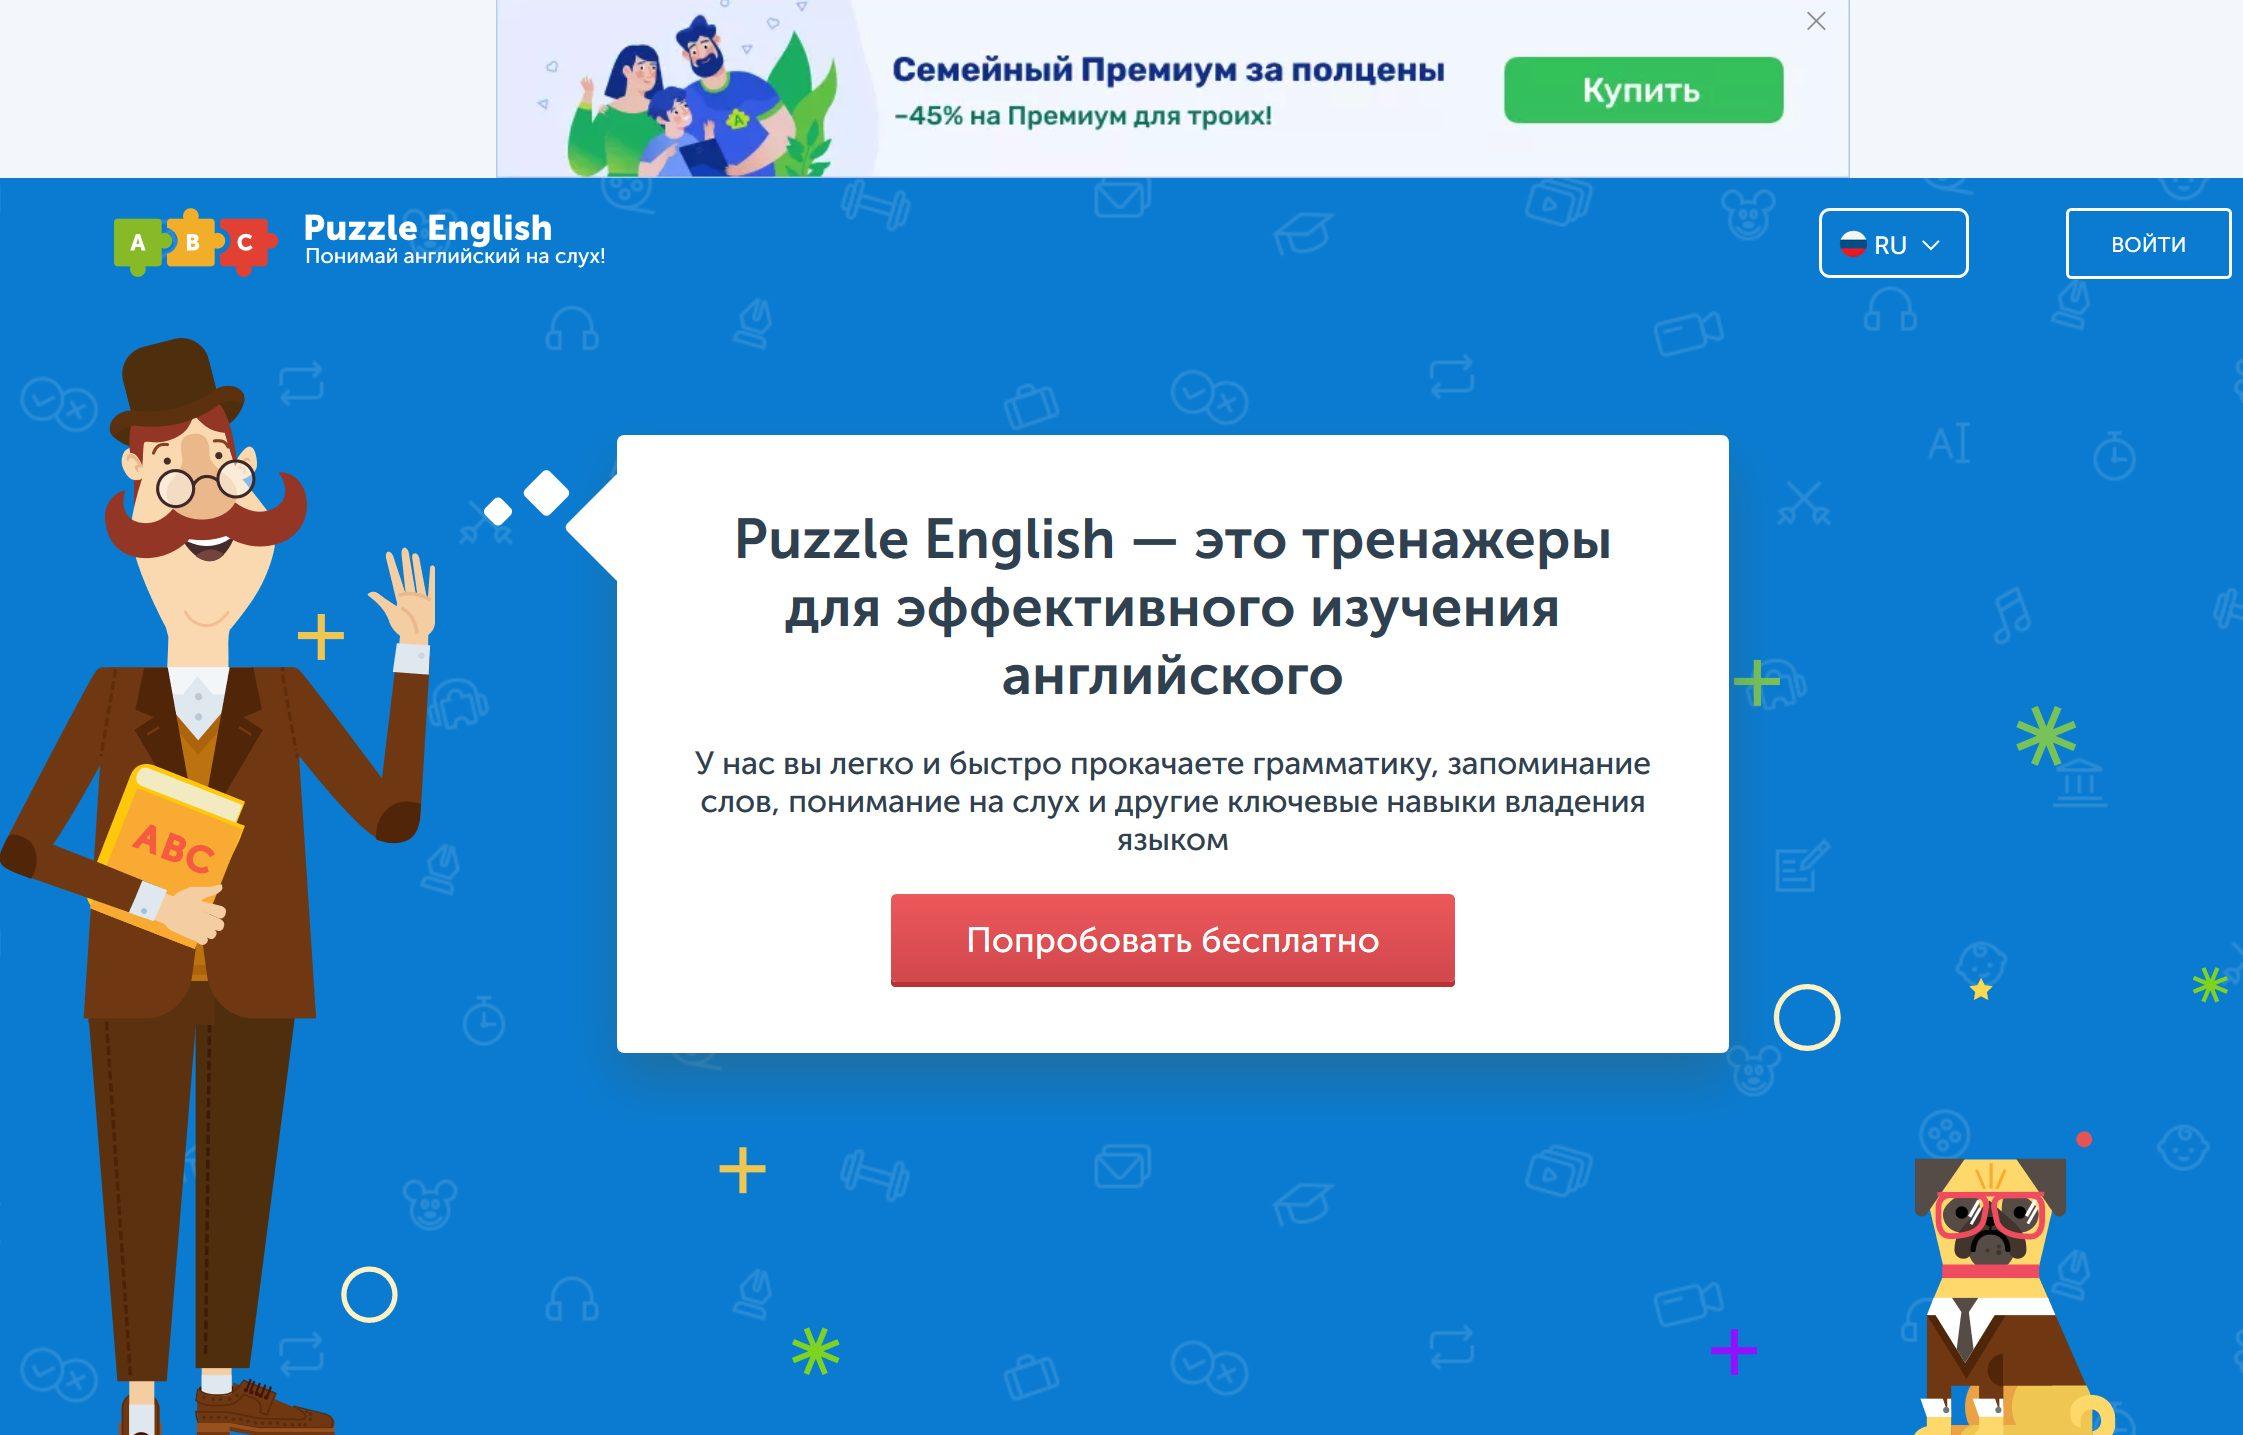 Учим английский онлайн с Puzzle English бесплатное изучение английского самостоятельно